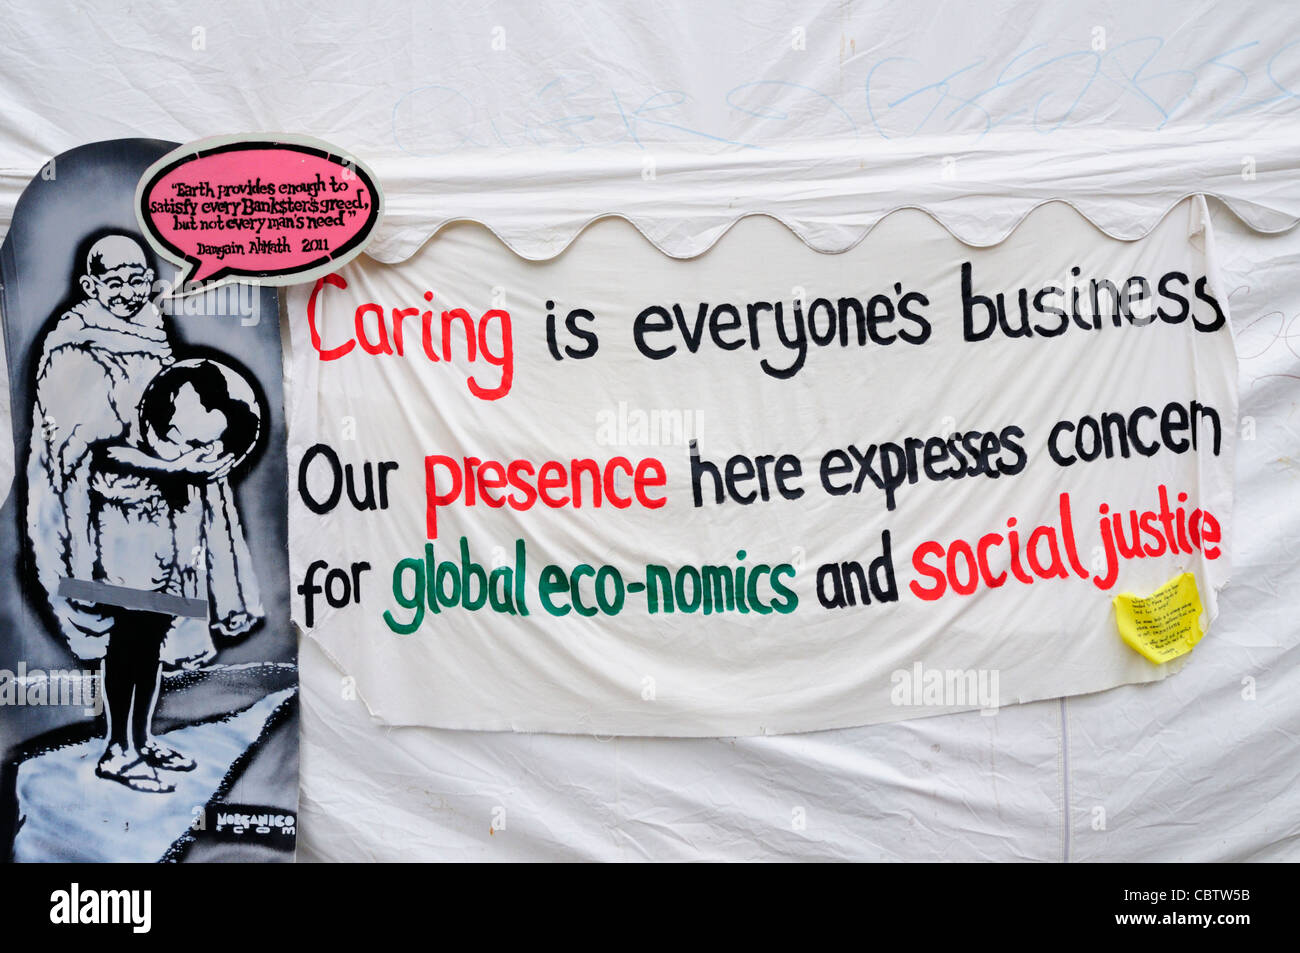 Banner auf der Info-Zelt bei der Anti-Kapitalismus Demo Protest außerhalb St. Pauls Cathedral, London, England. Stockbild